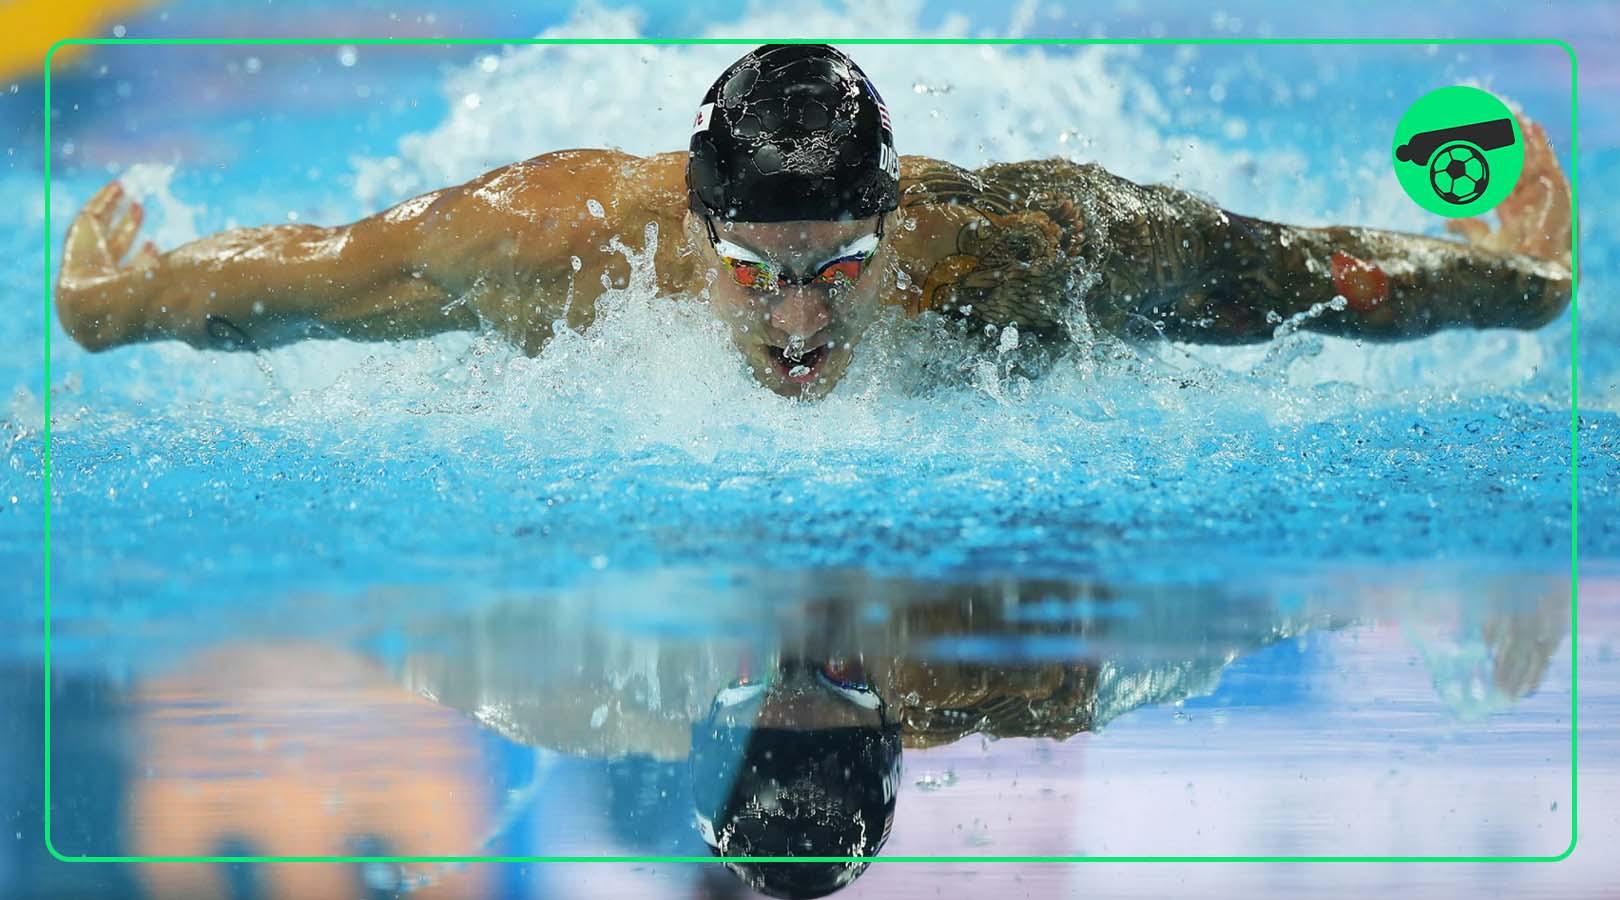 کائلب درسل با ۵ مدال طلای المپیک رکورد زد